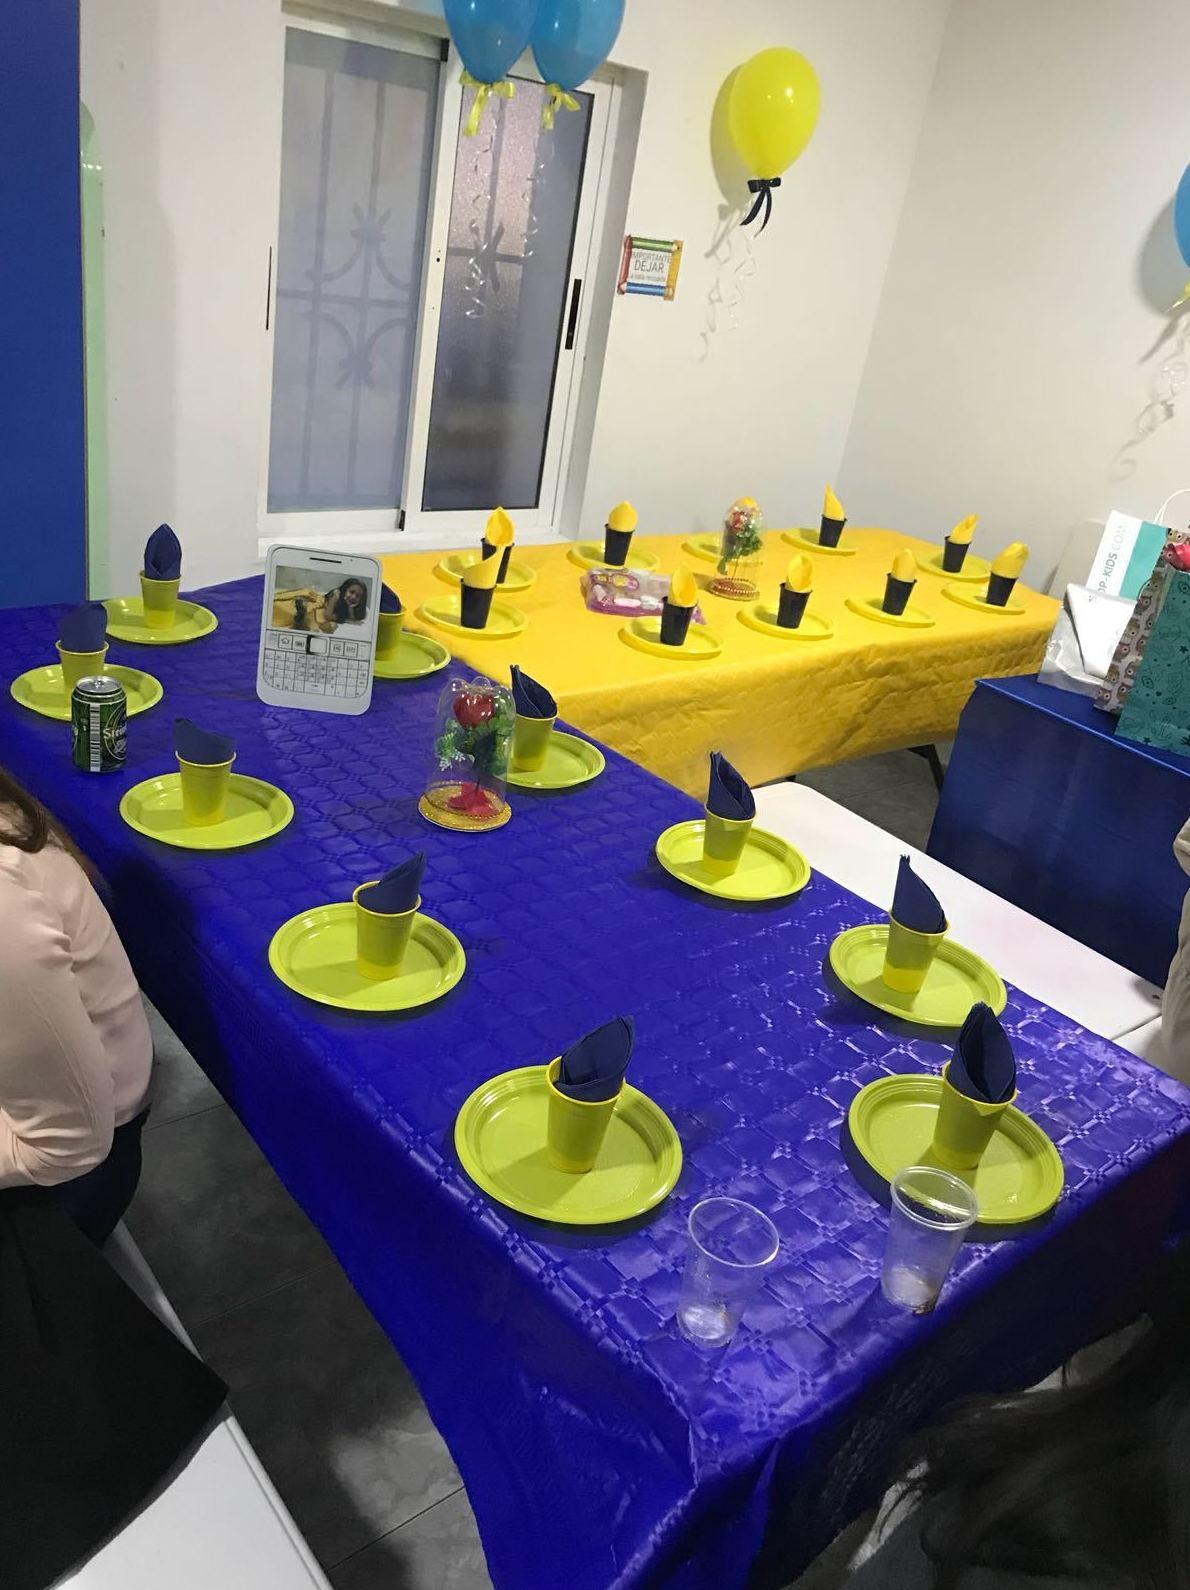 Foto 13 de Organización de fiestas en Torrejón de Ardoz | Como mola